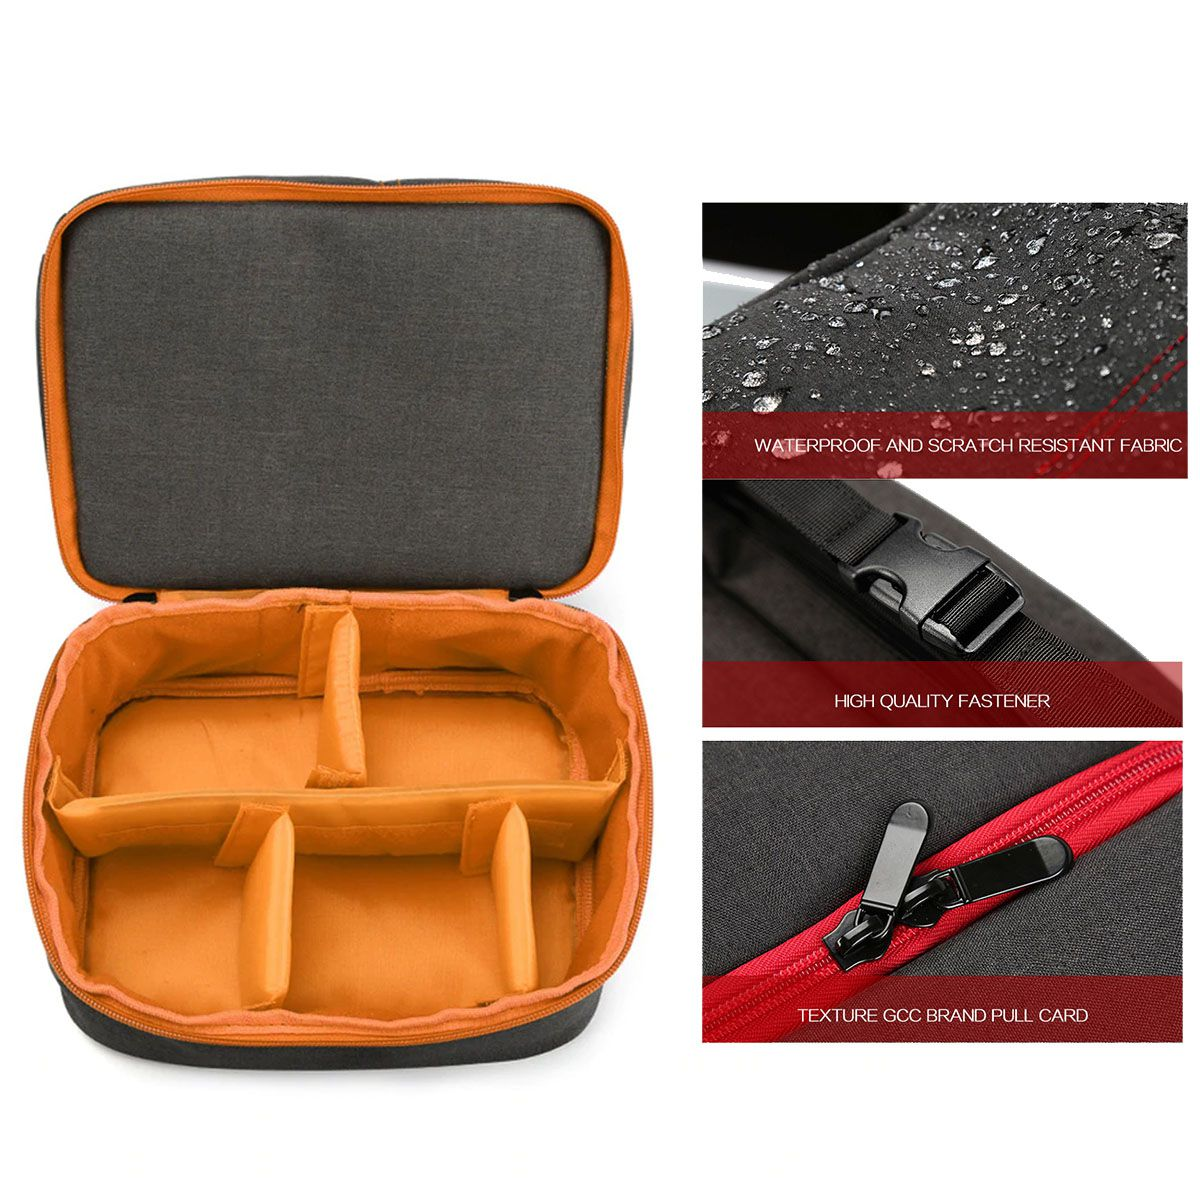 Bolsa Câmera DSLR ou Vídeo - ER 7513 LJ com Kit de Limpeza EC05  - Diafilme Materiais Fotográficos